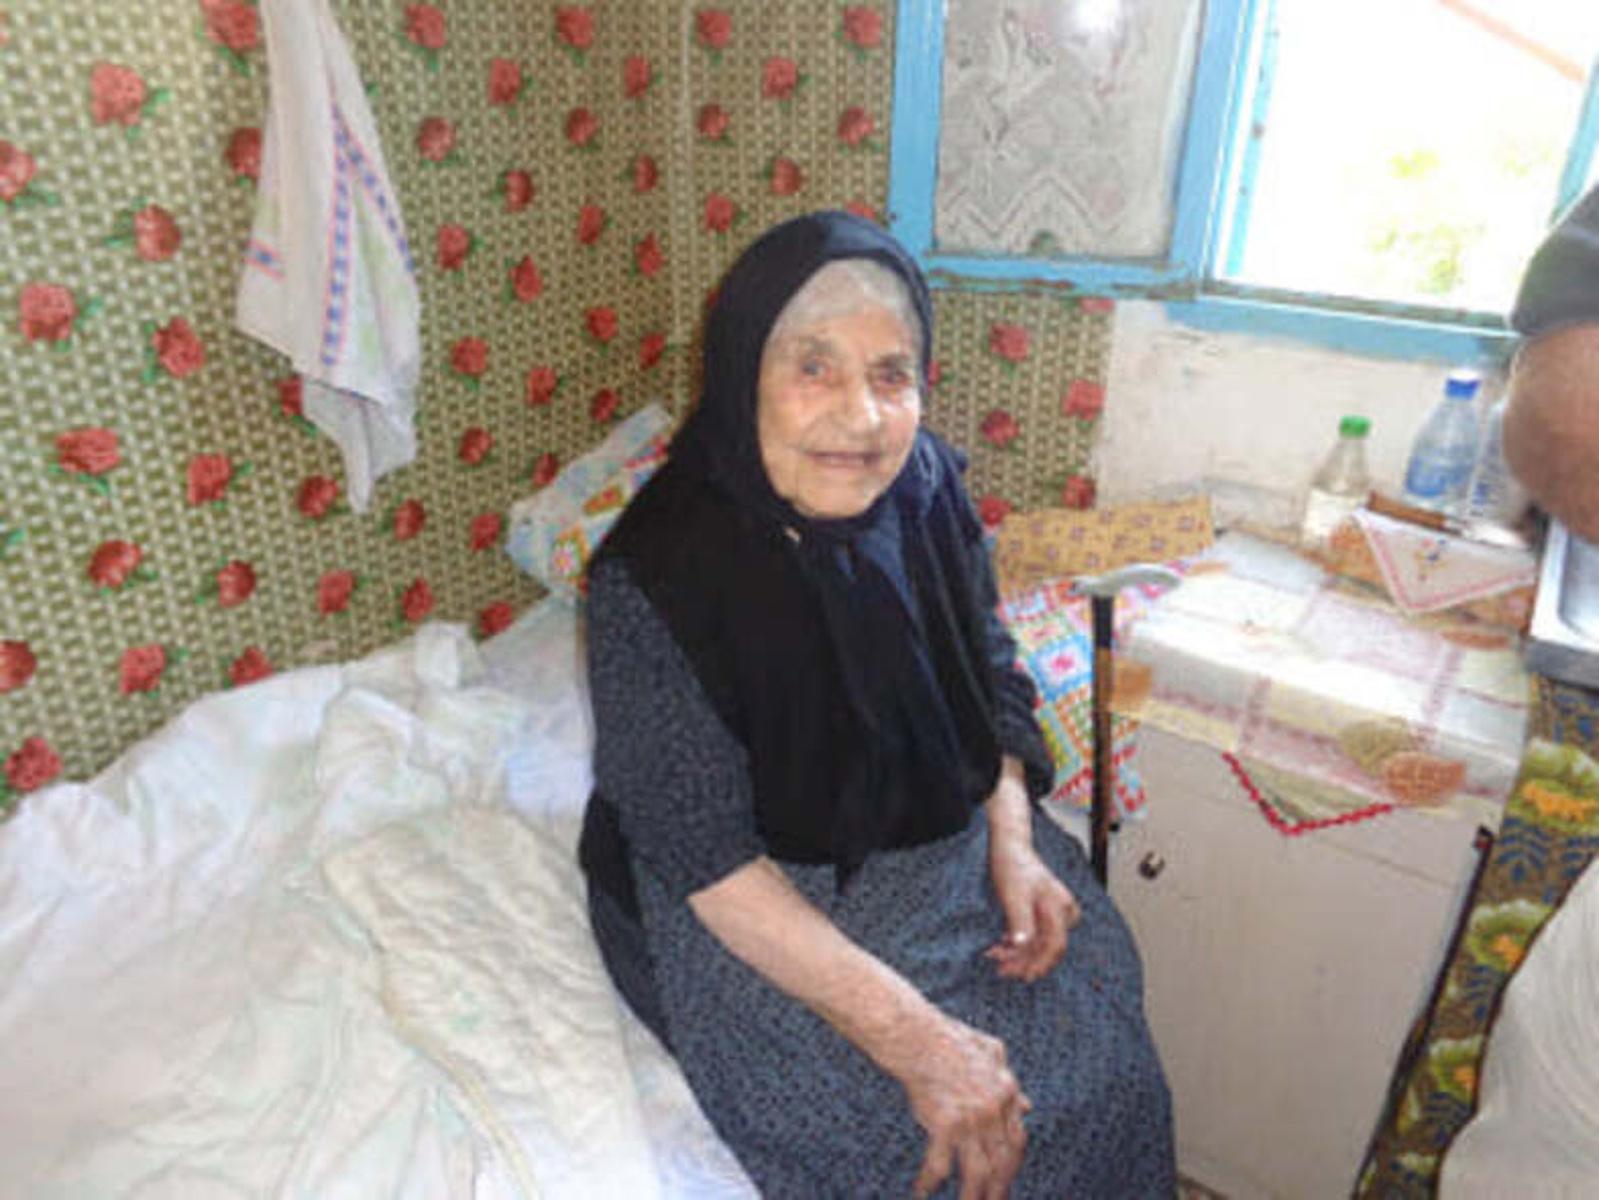 Αχαΐα: Πέθανε σε ηλικία 111 χρόνων η κυρά Αγγέλω, η μακροβιότερη γυναίκα της περιοχής